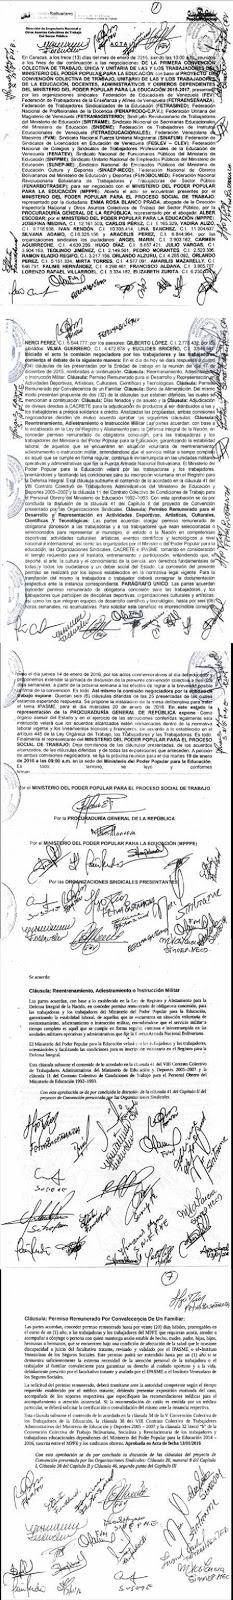 Contrato Unificado MPPE 13-01-2016